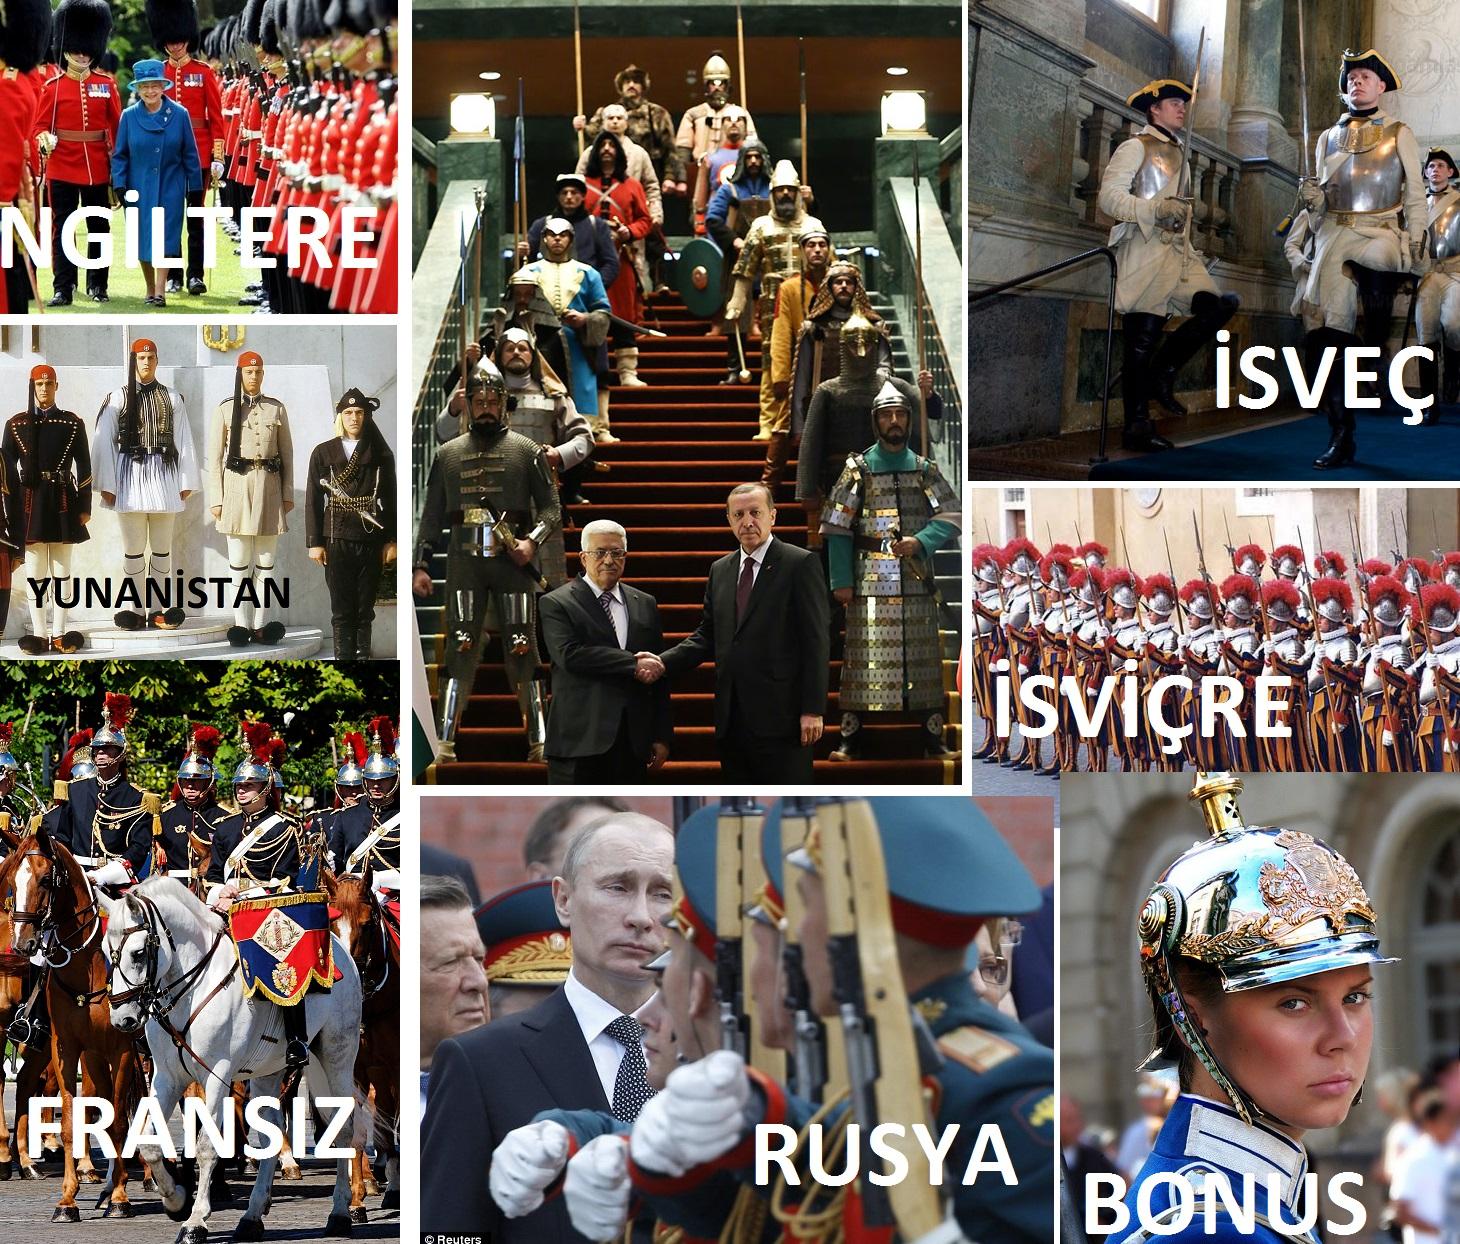 Bizdeki seremoni askerleri en çok öteki ülkelerdeki kadar komik olabilir